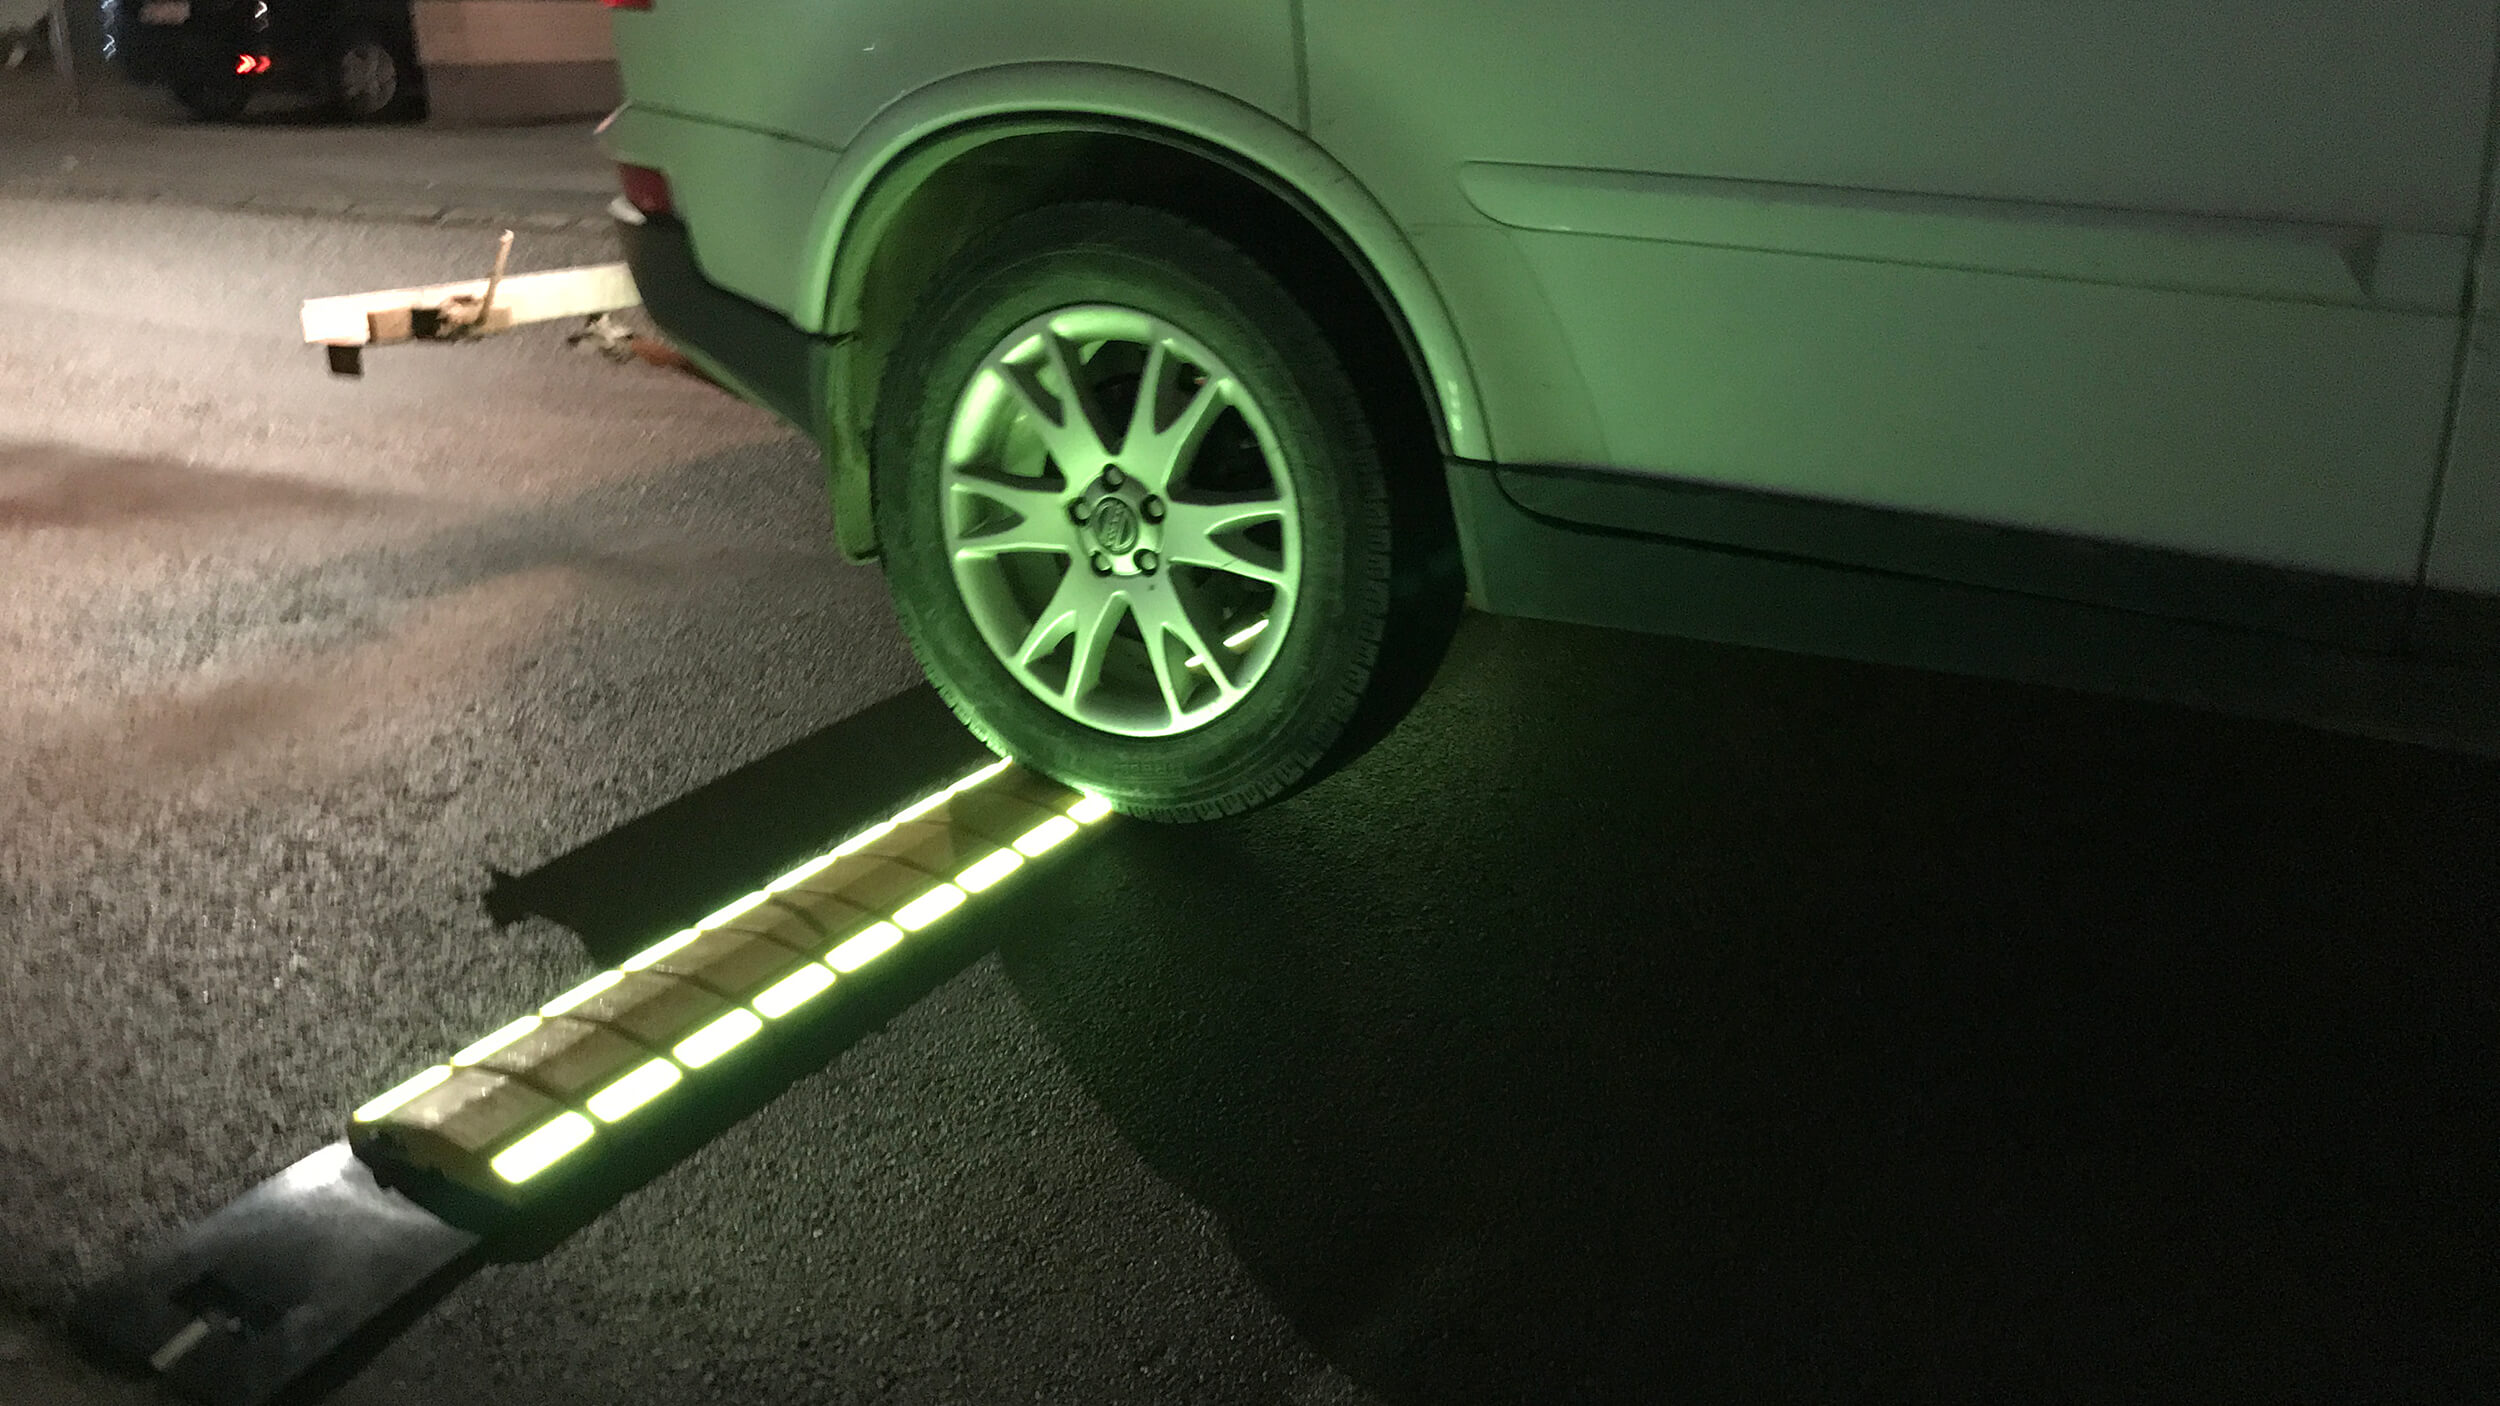 Med en knapptryckning växlar man mellan fast eller blinkande ljus.